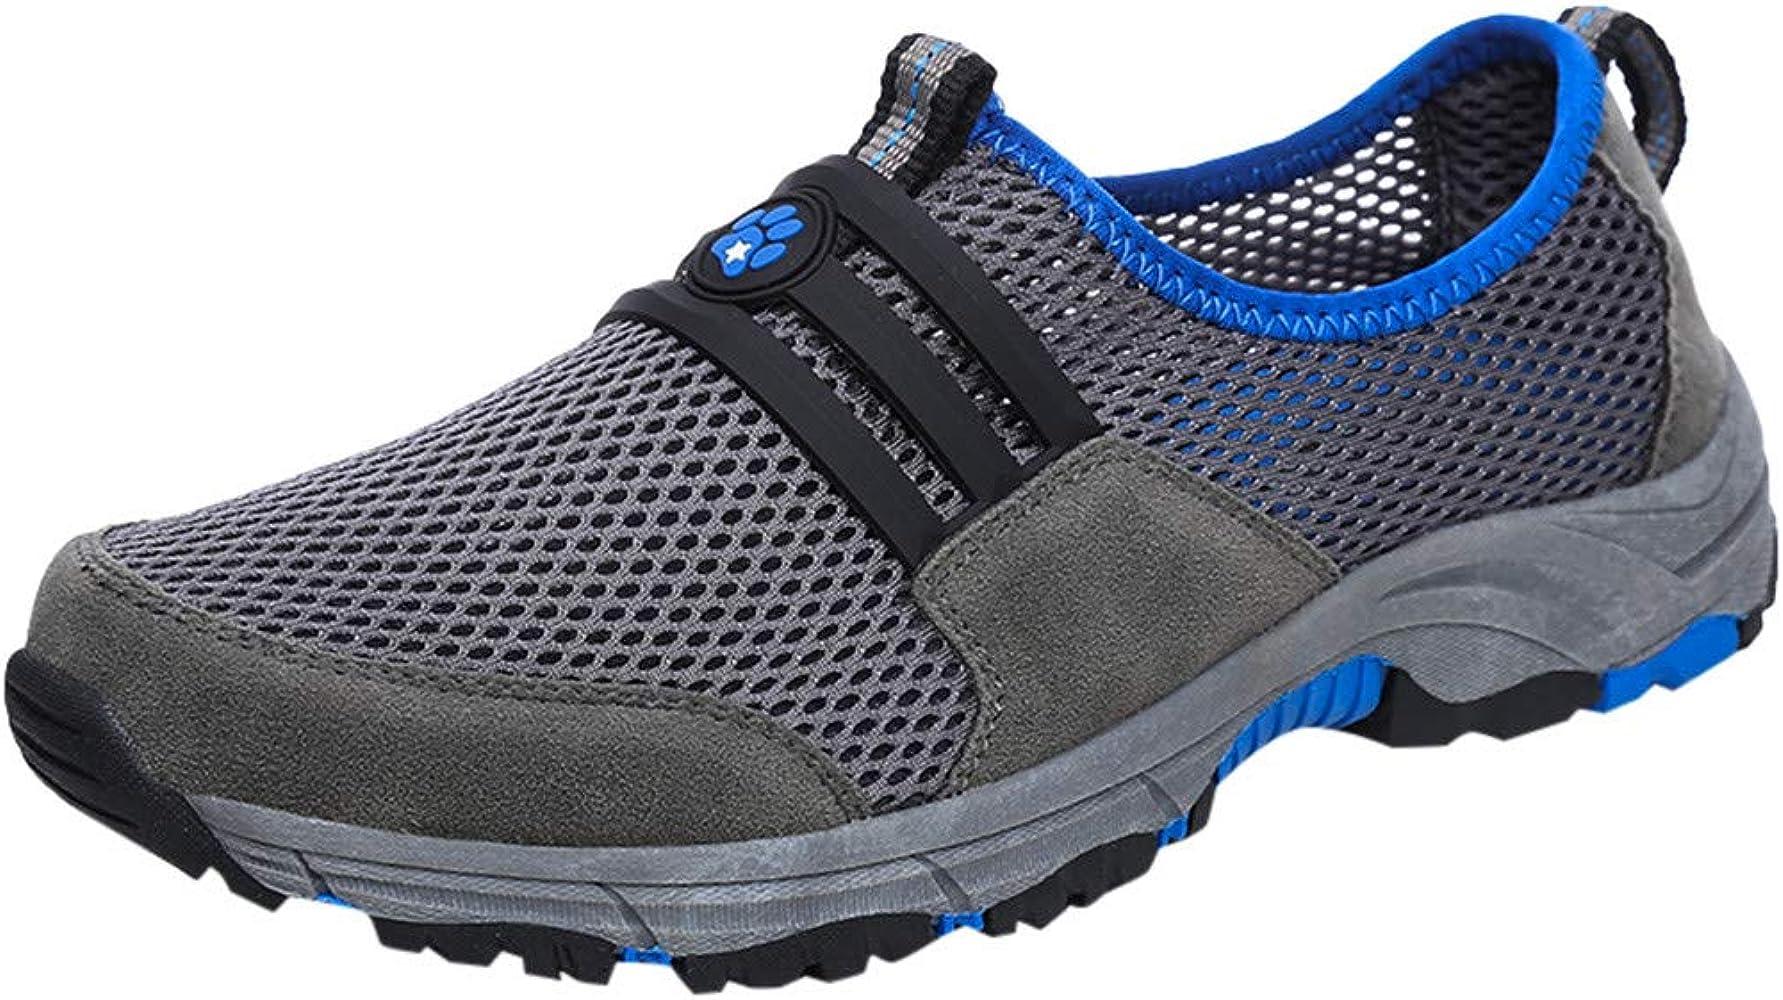 LuckyGirls Zapatos de Deporte, Zapatillas Deporte Hombre Zapatos para Correr Athletic Cordones Zapatillas de Deporte Respirable para Correr Deportes Zapatos Running Hombre 39-45: Amazon.es: Ropa y accesorios